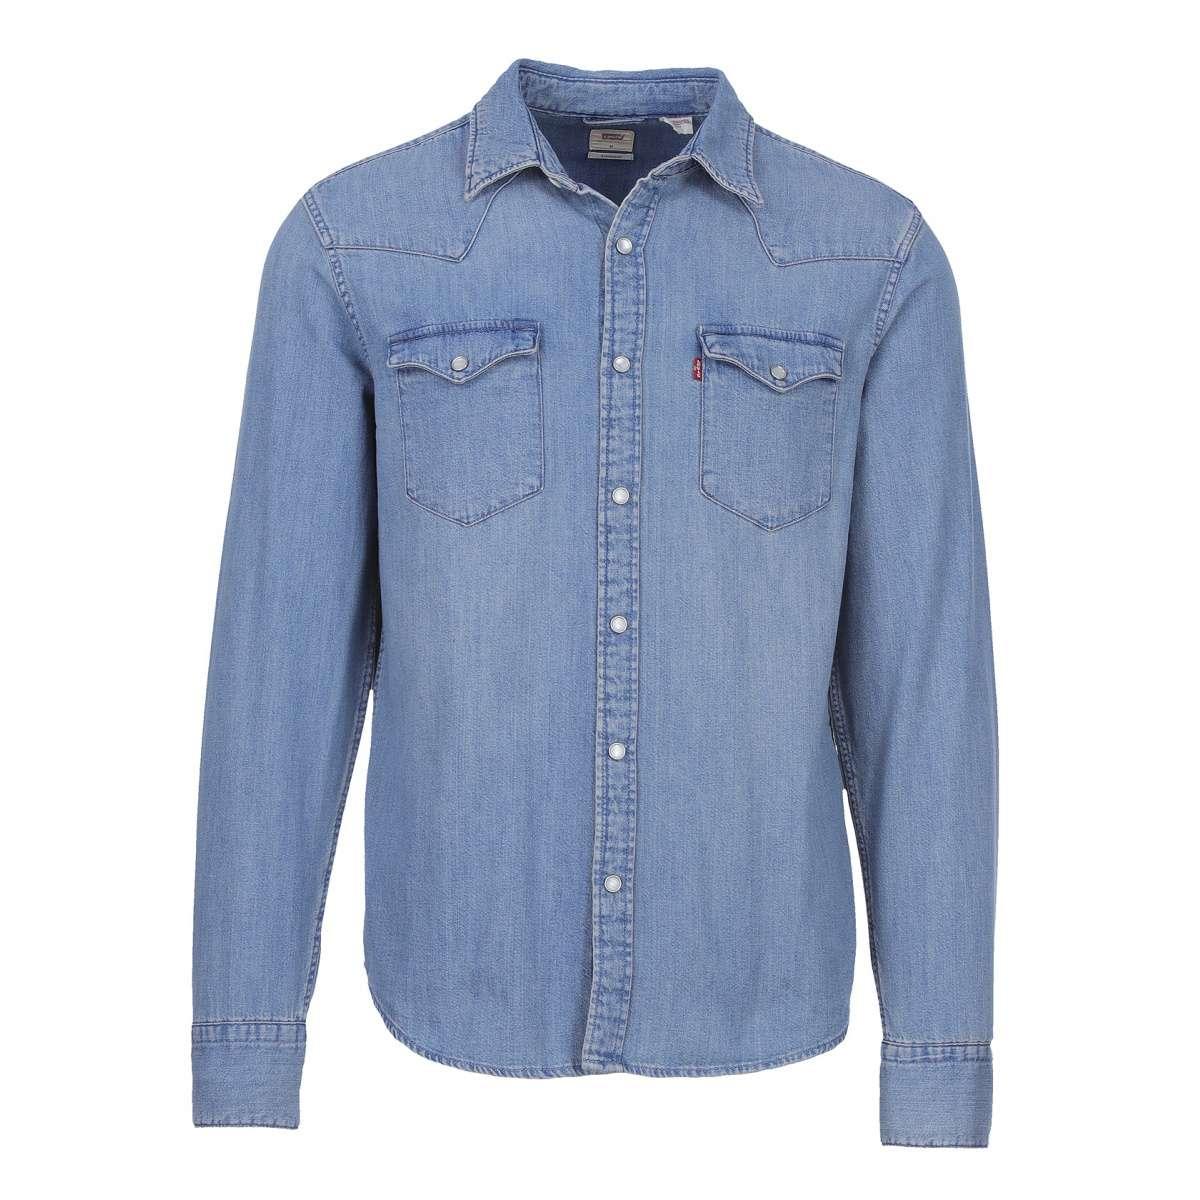 Chemise Manches Longues Homme Levi S Jeans Sportwear Levi S 501 Ccv Mode